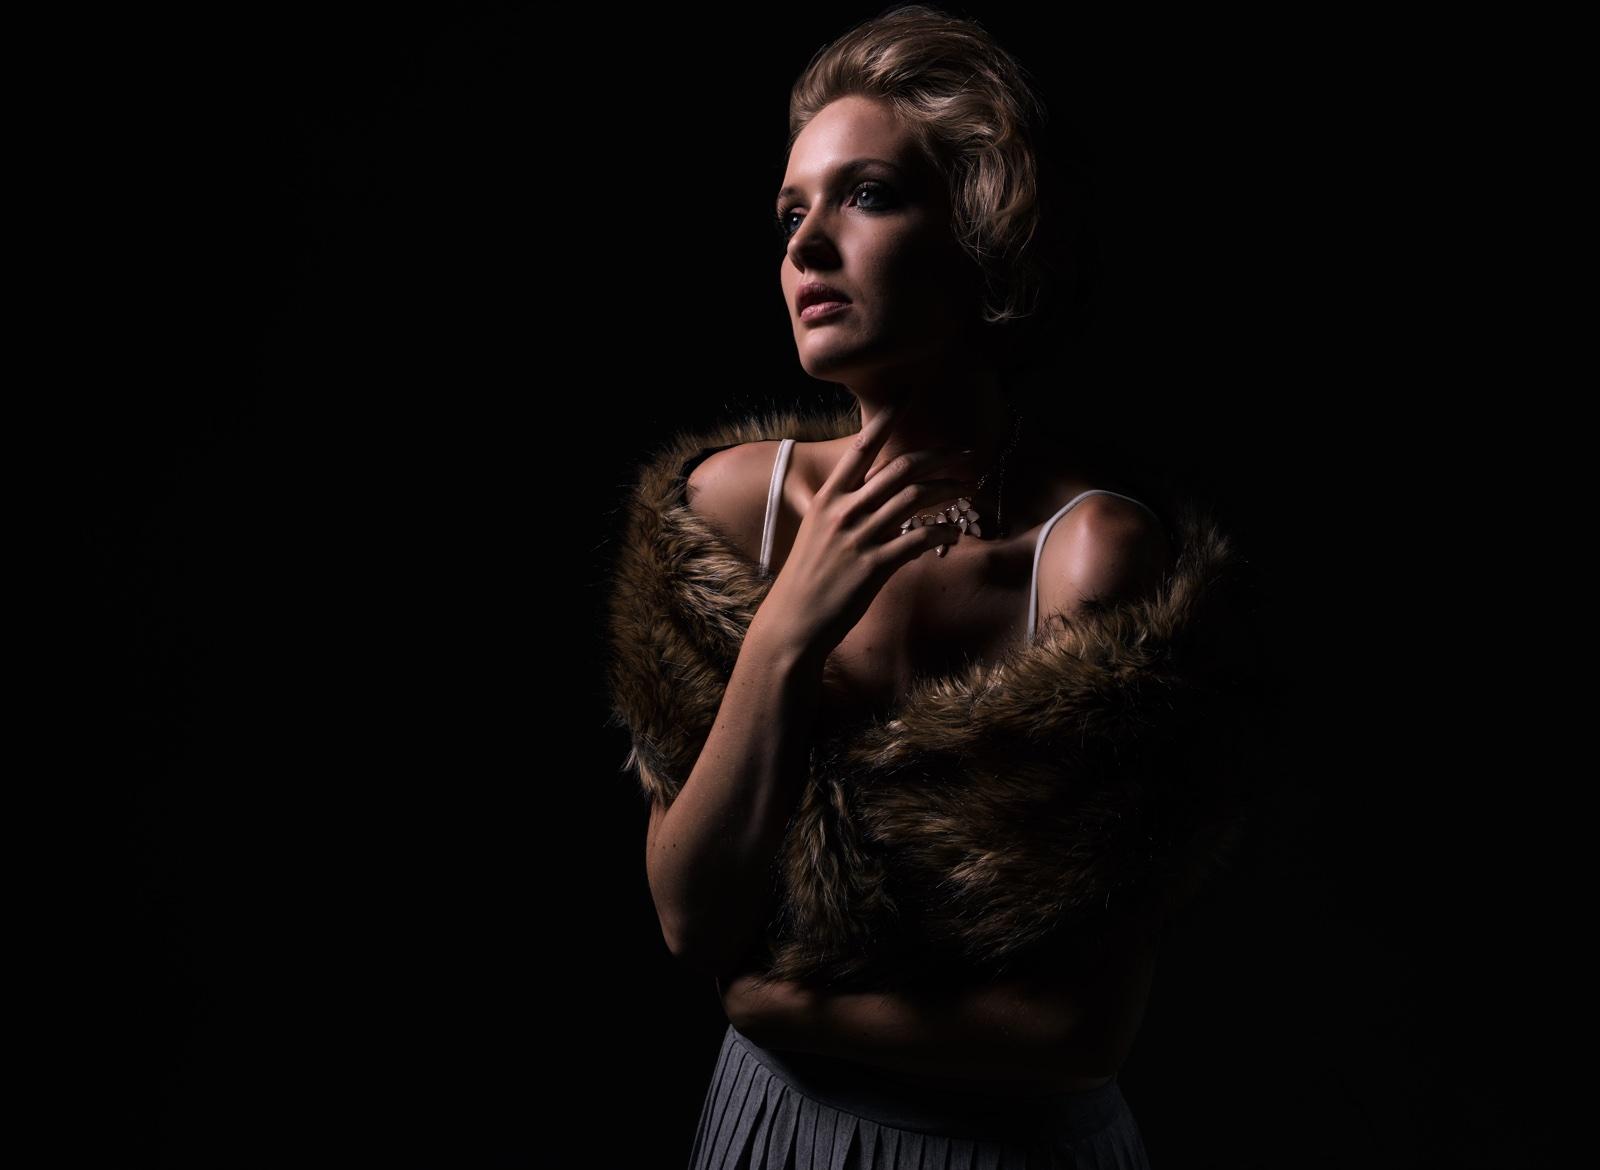 foto: © Frank Doorhof - model met bonten sjaal, jurk met spagetti bandjes